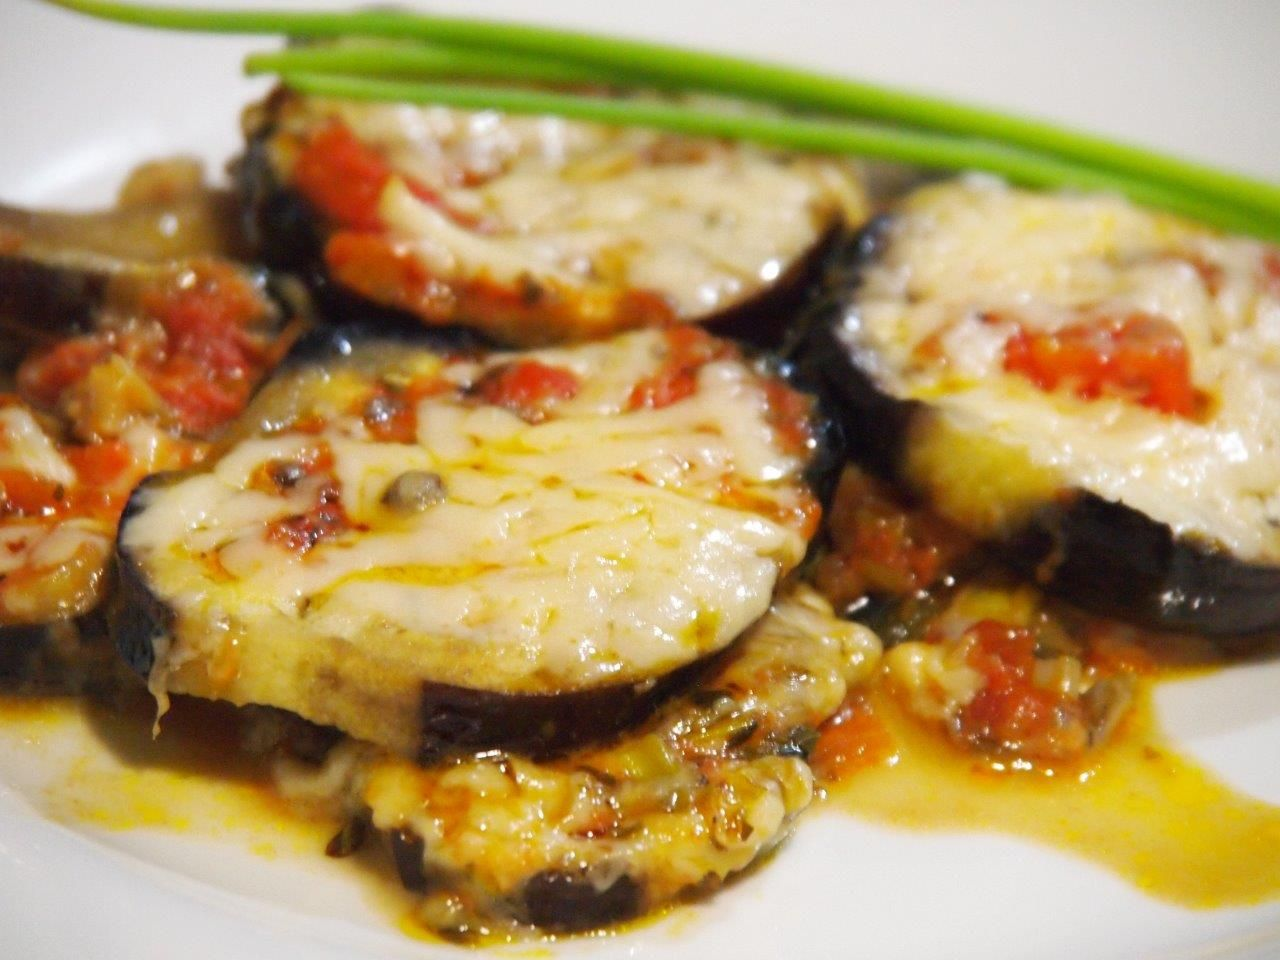 Todas Las Recetas Berenjenas Al Horno A La Napolitana Berenjena Al Horno Recetas Vegetarianas Comida